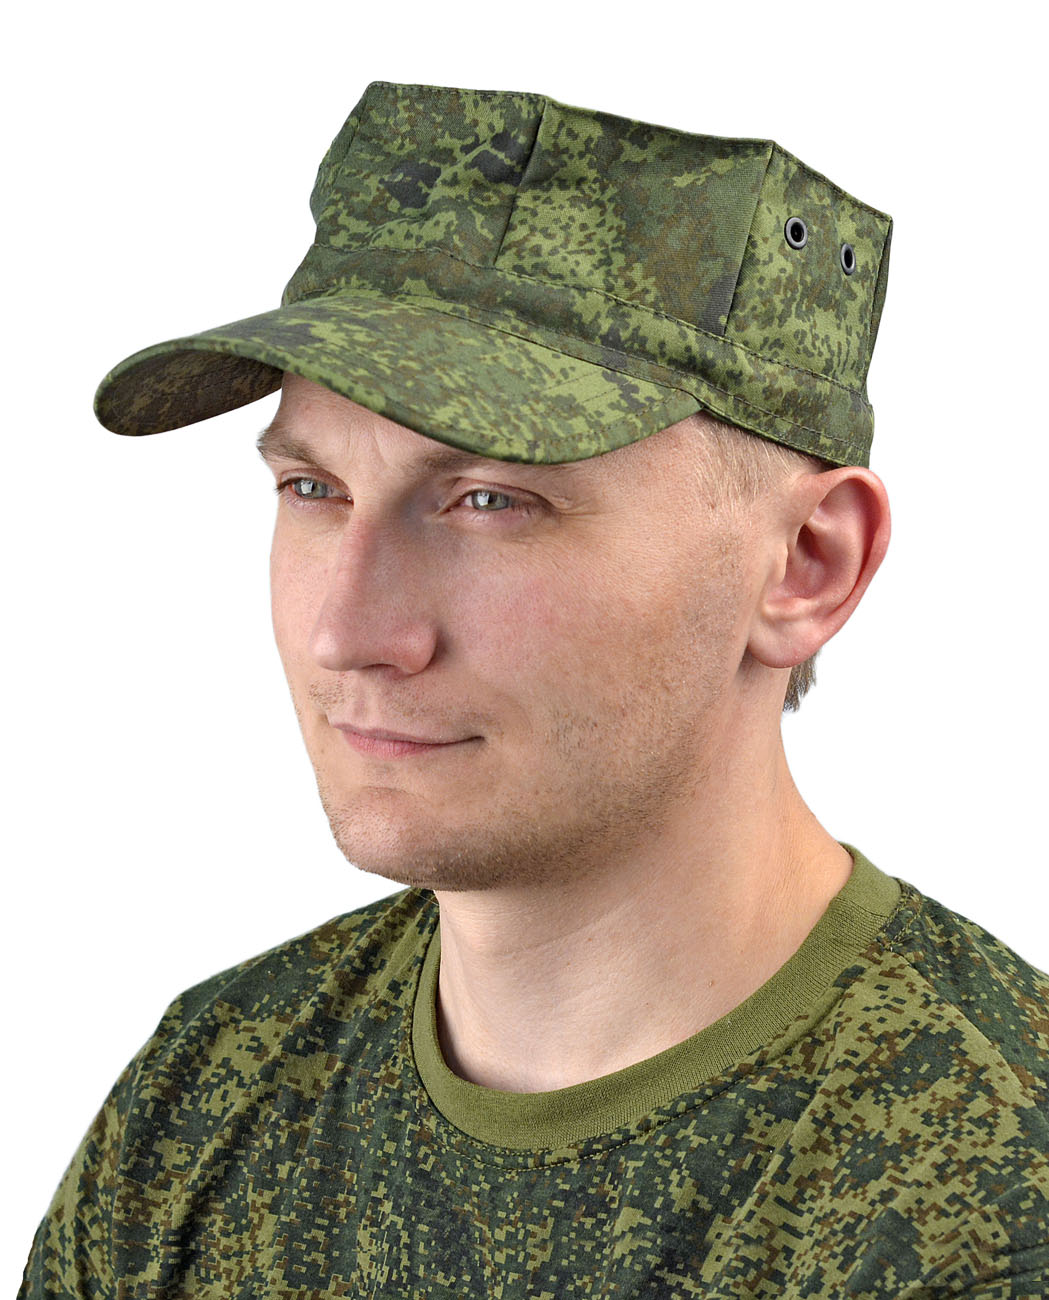 Кепка Gerkon Commando ратник (60)Кепки<br><br><br>Пол: мужской<br>Размер: 60<br>Сезон: лето<br>Материал: Смесовая (50% хлопок, 50% полиэфир), пл. 210 г/м2,